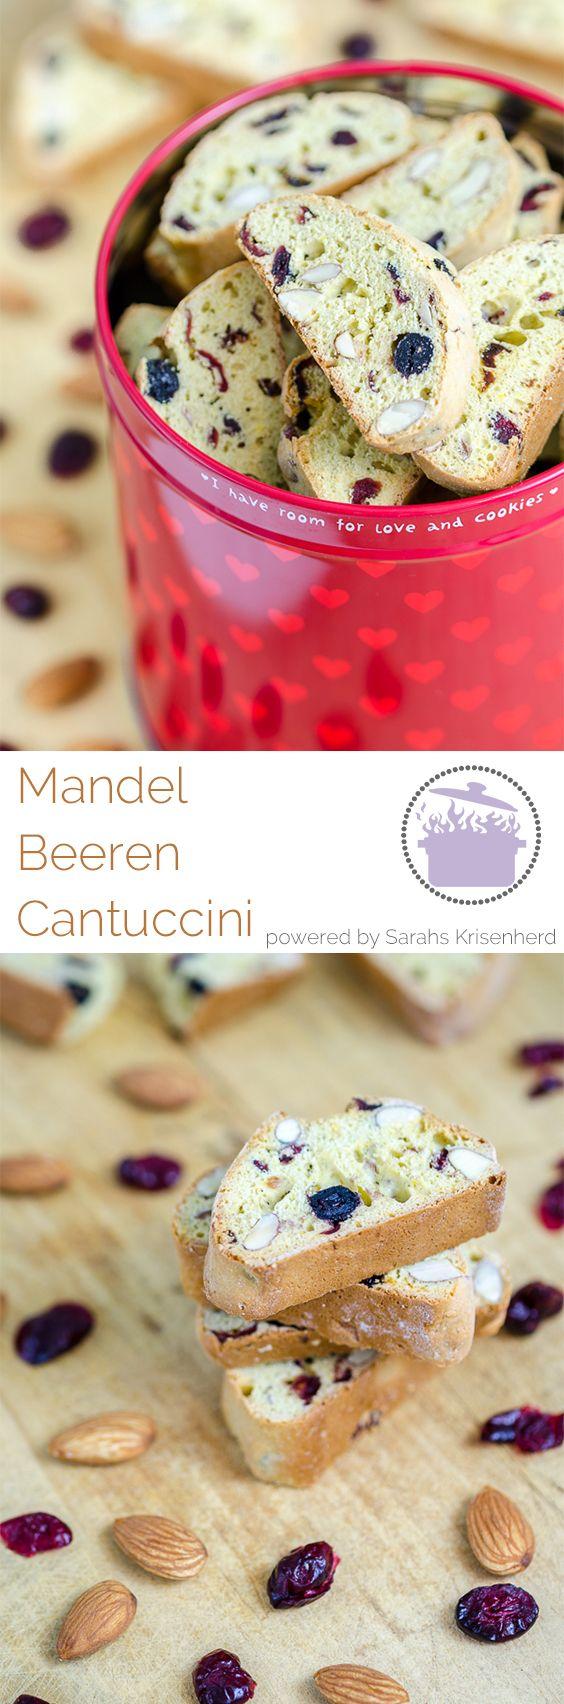 Mandel Beeren Cantuccini - perfekt zu einem italienischen Kaffee oder einfach nur so...